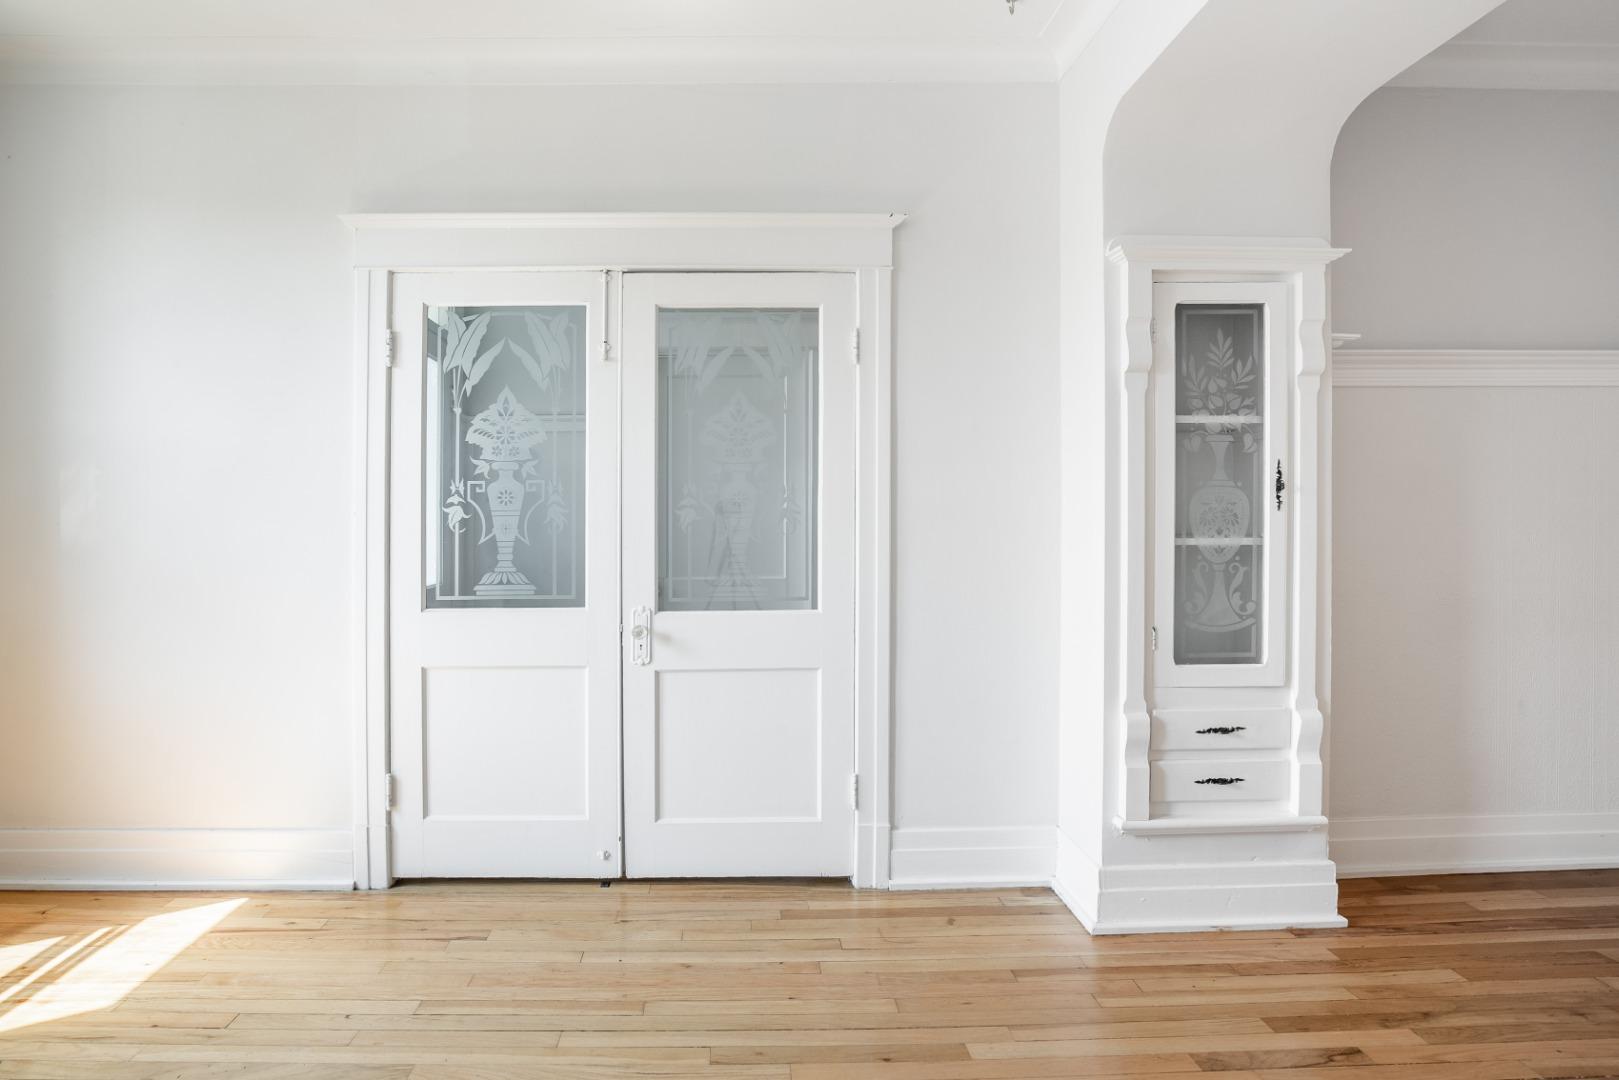 Appartement à louer Rosemont - 6403, rue de Bordeaux 12